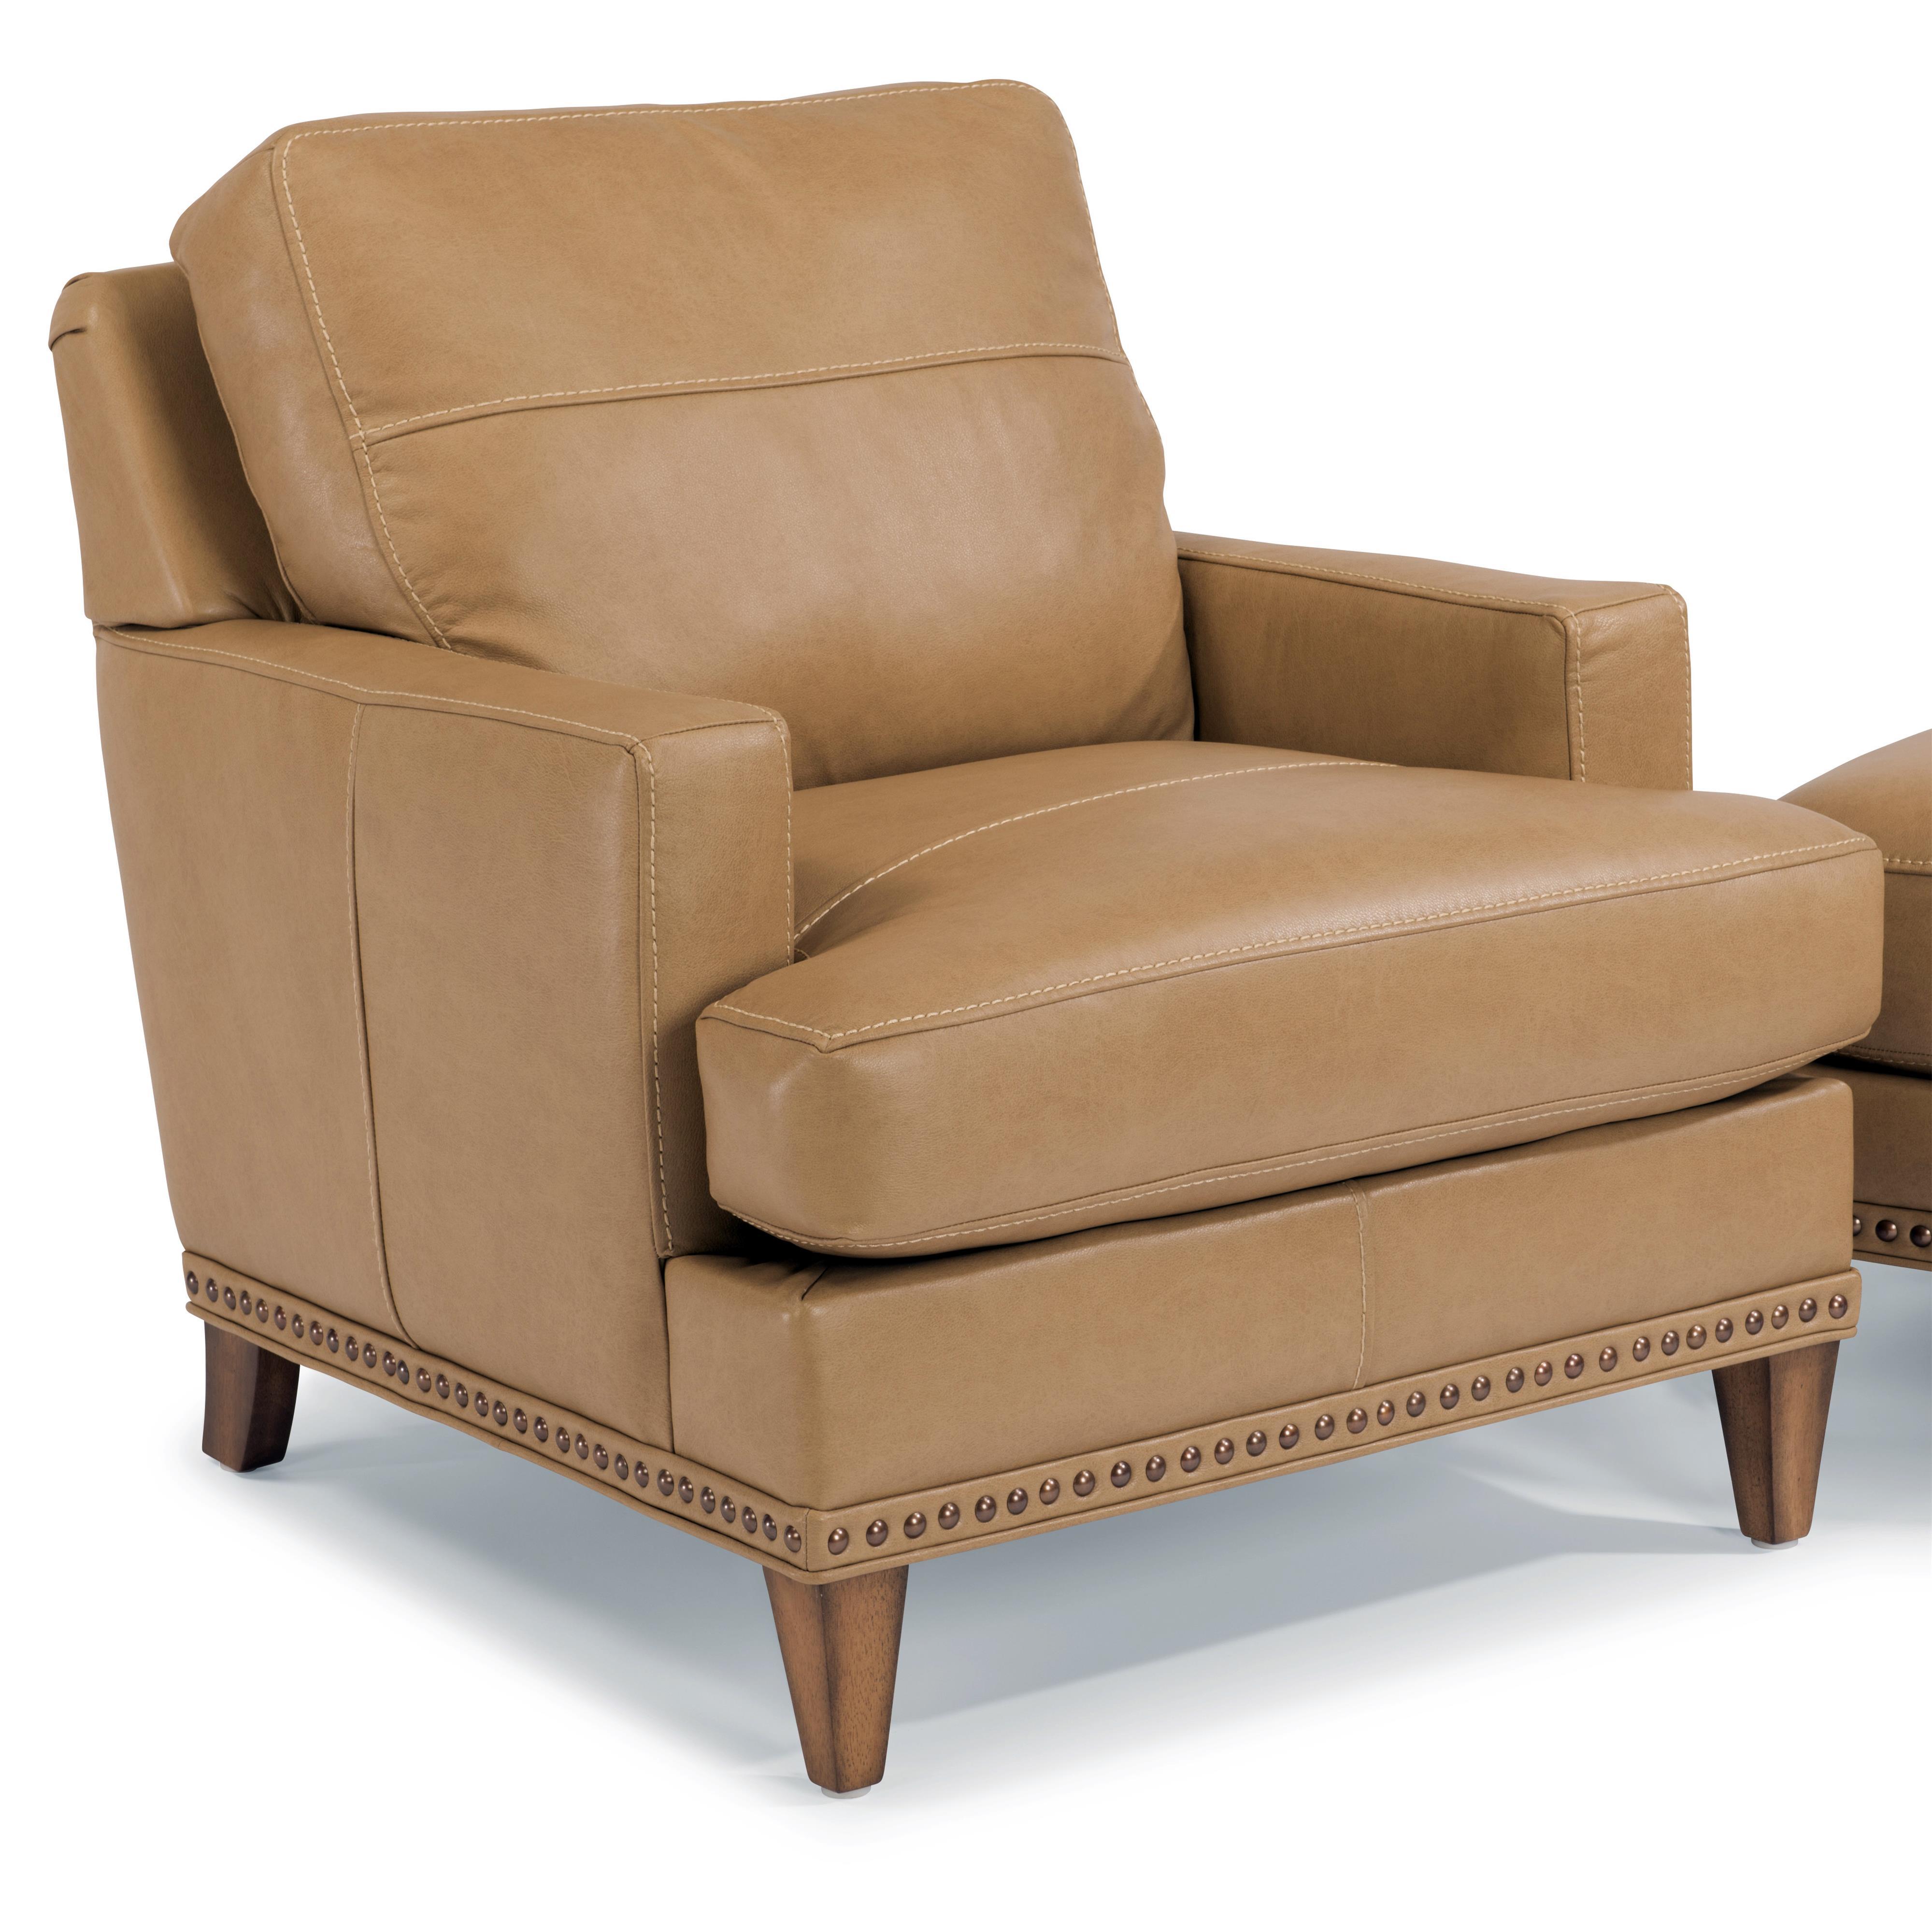 Flexsteel Ocean Chair w/ Nails - Item Number: B3367-10-174-80